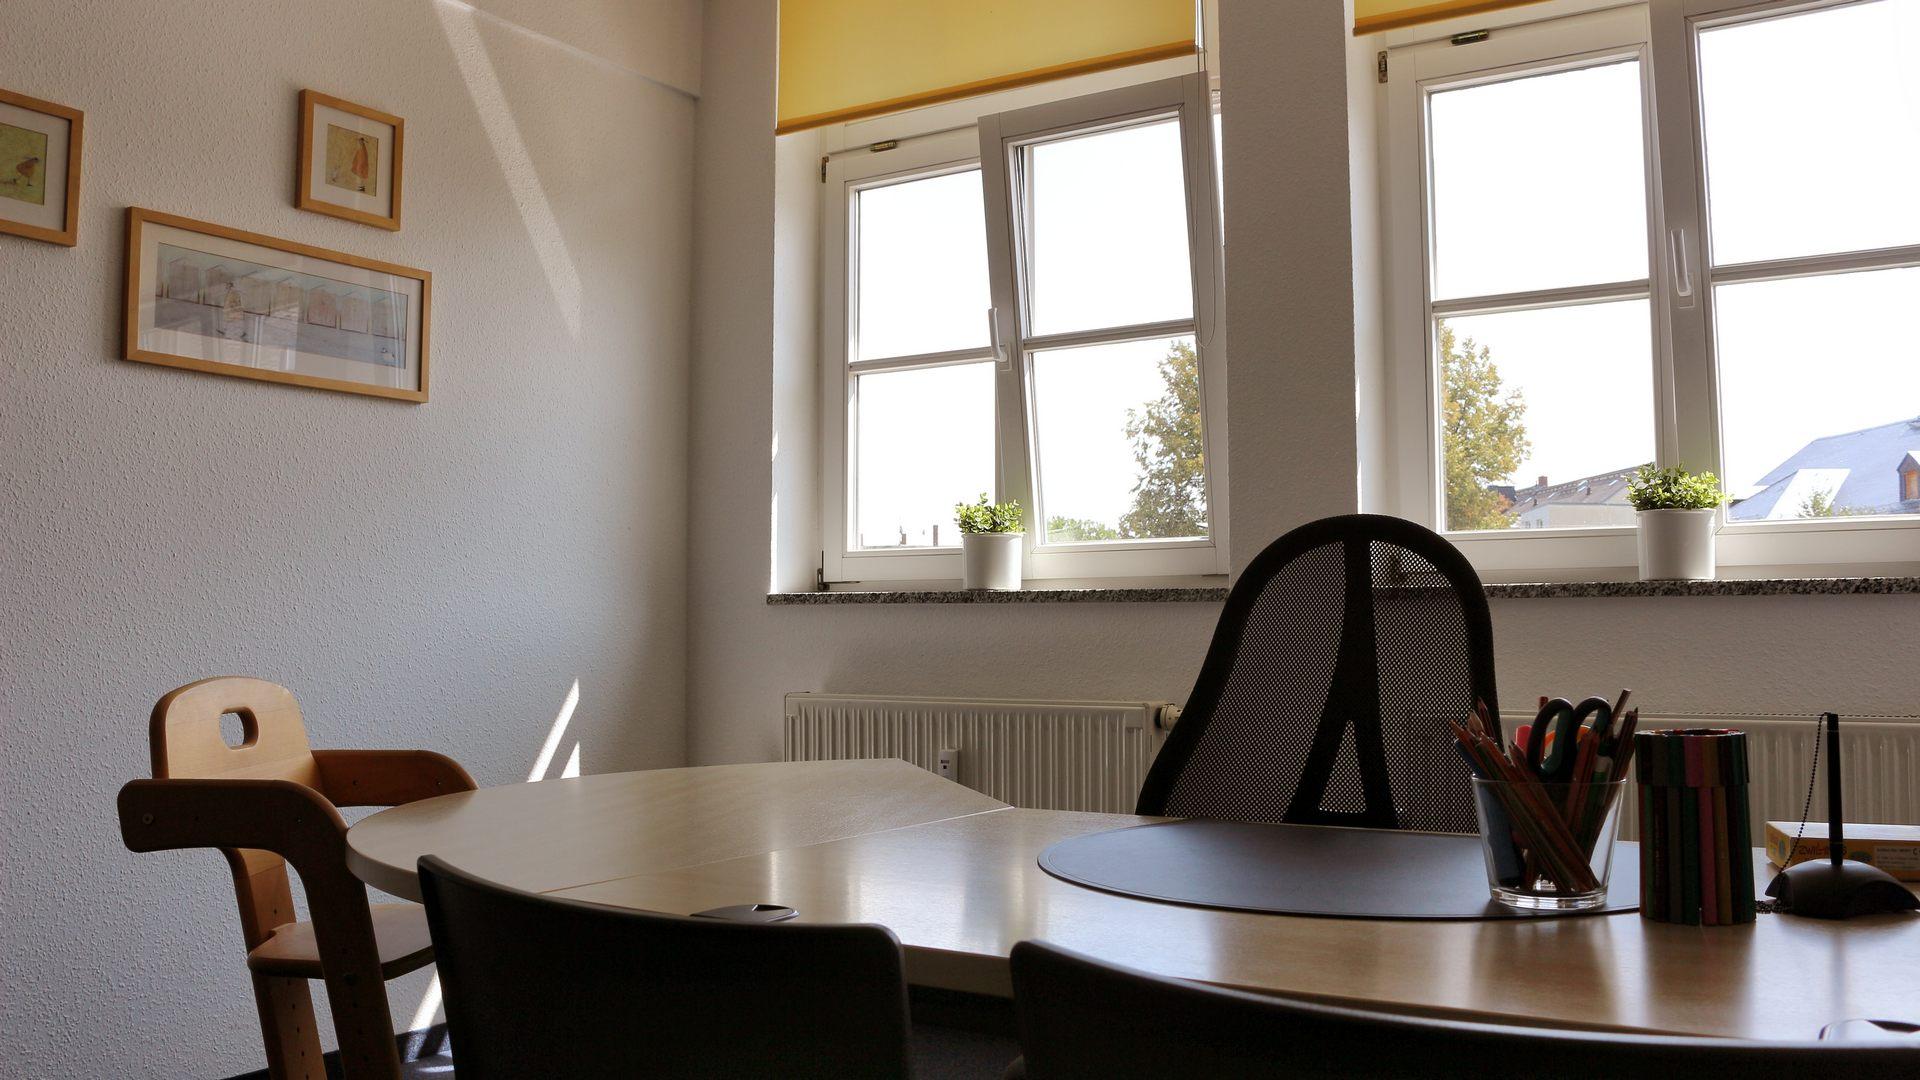 Praxis für Logopädie in Chemnitz